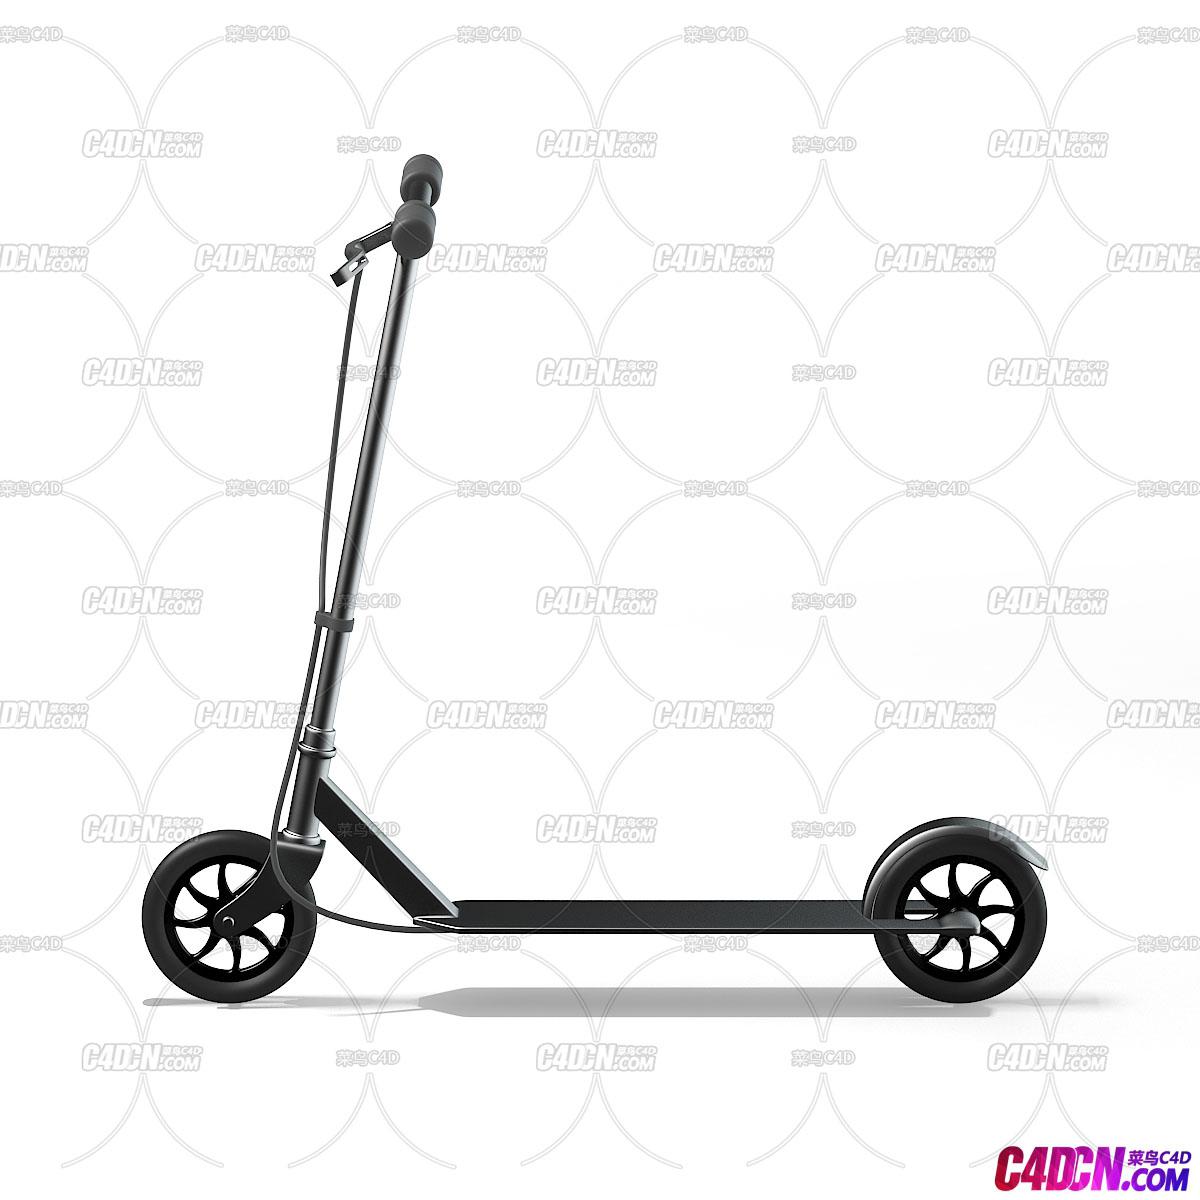 C4D模型 电动单排双轮滑板车代步车